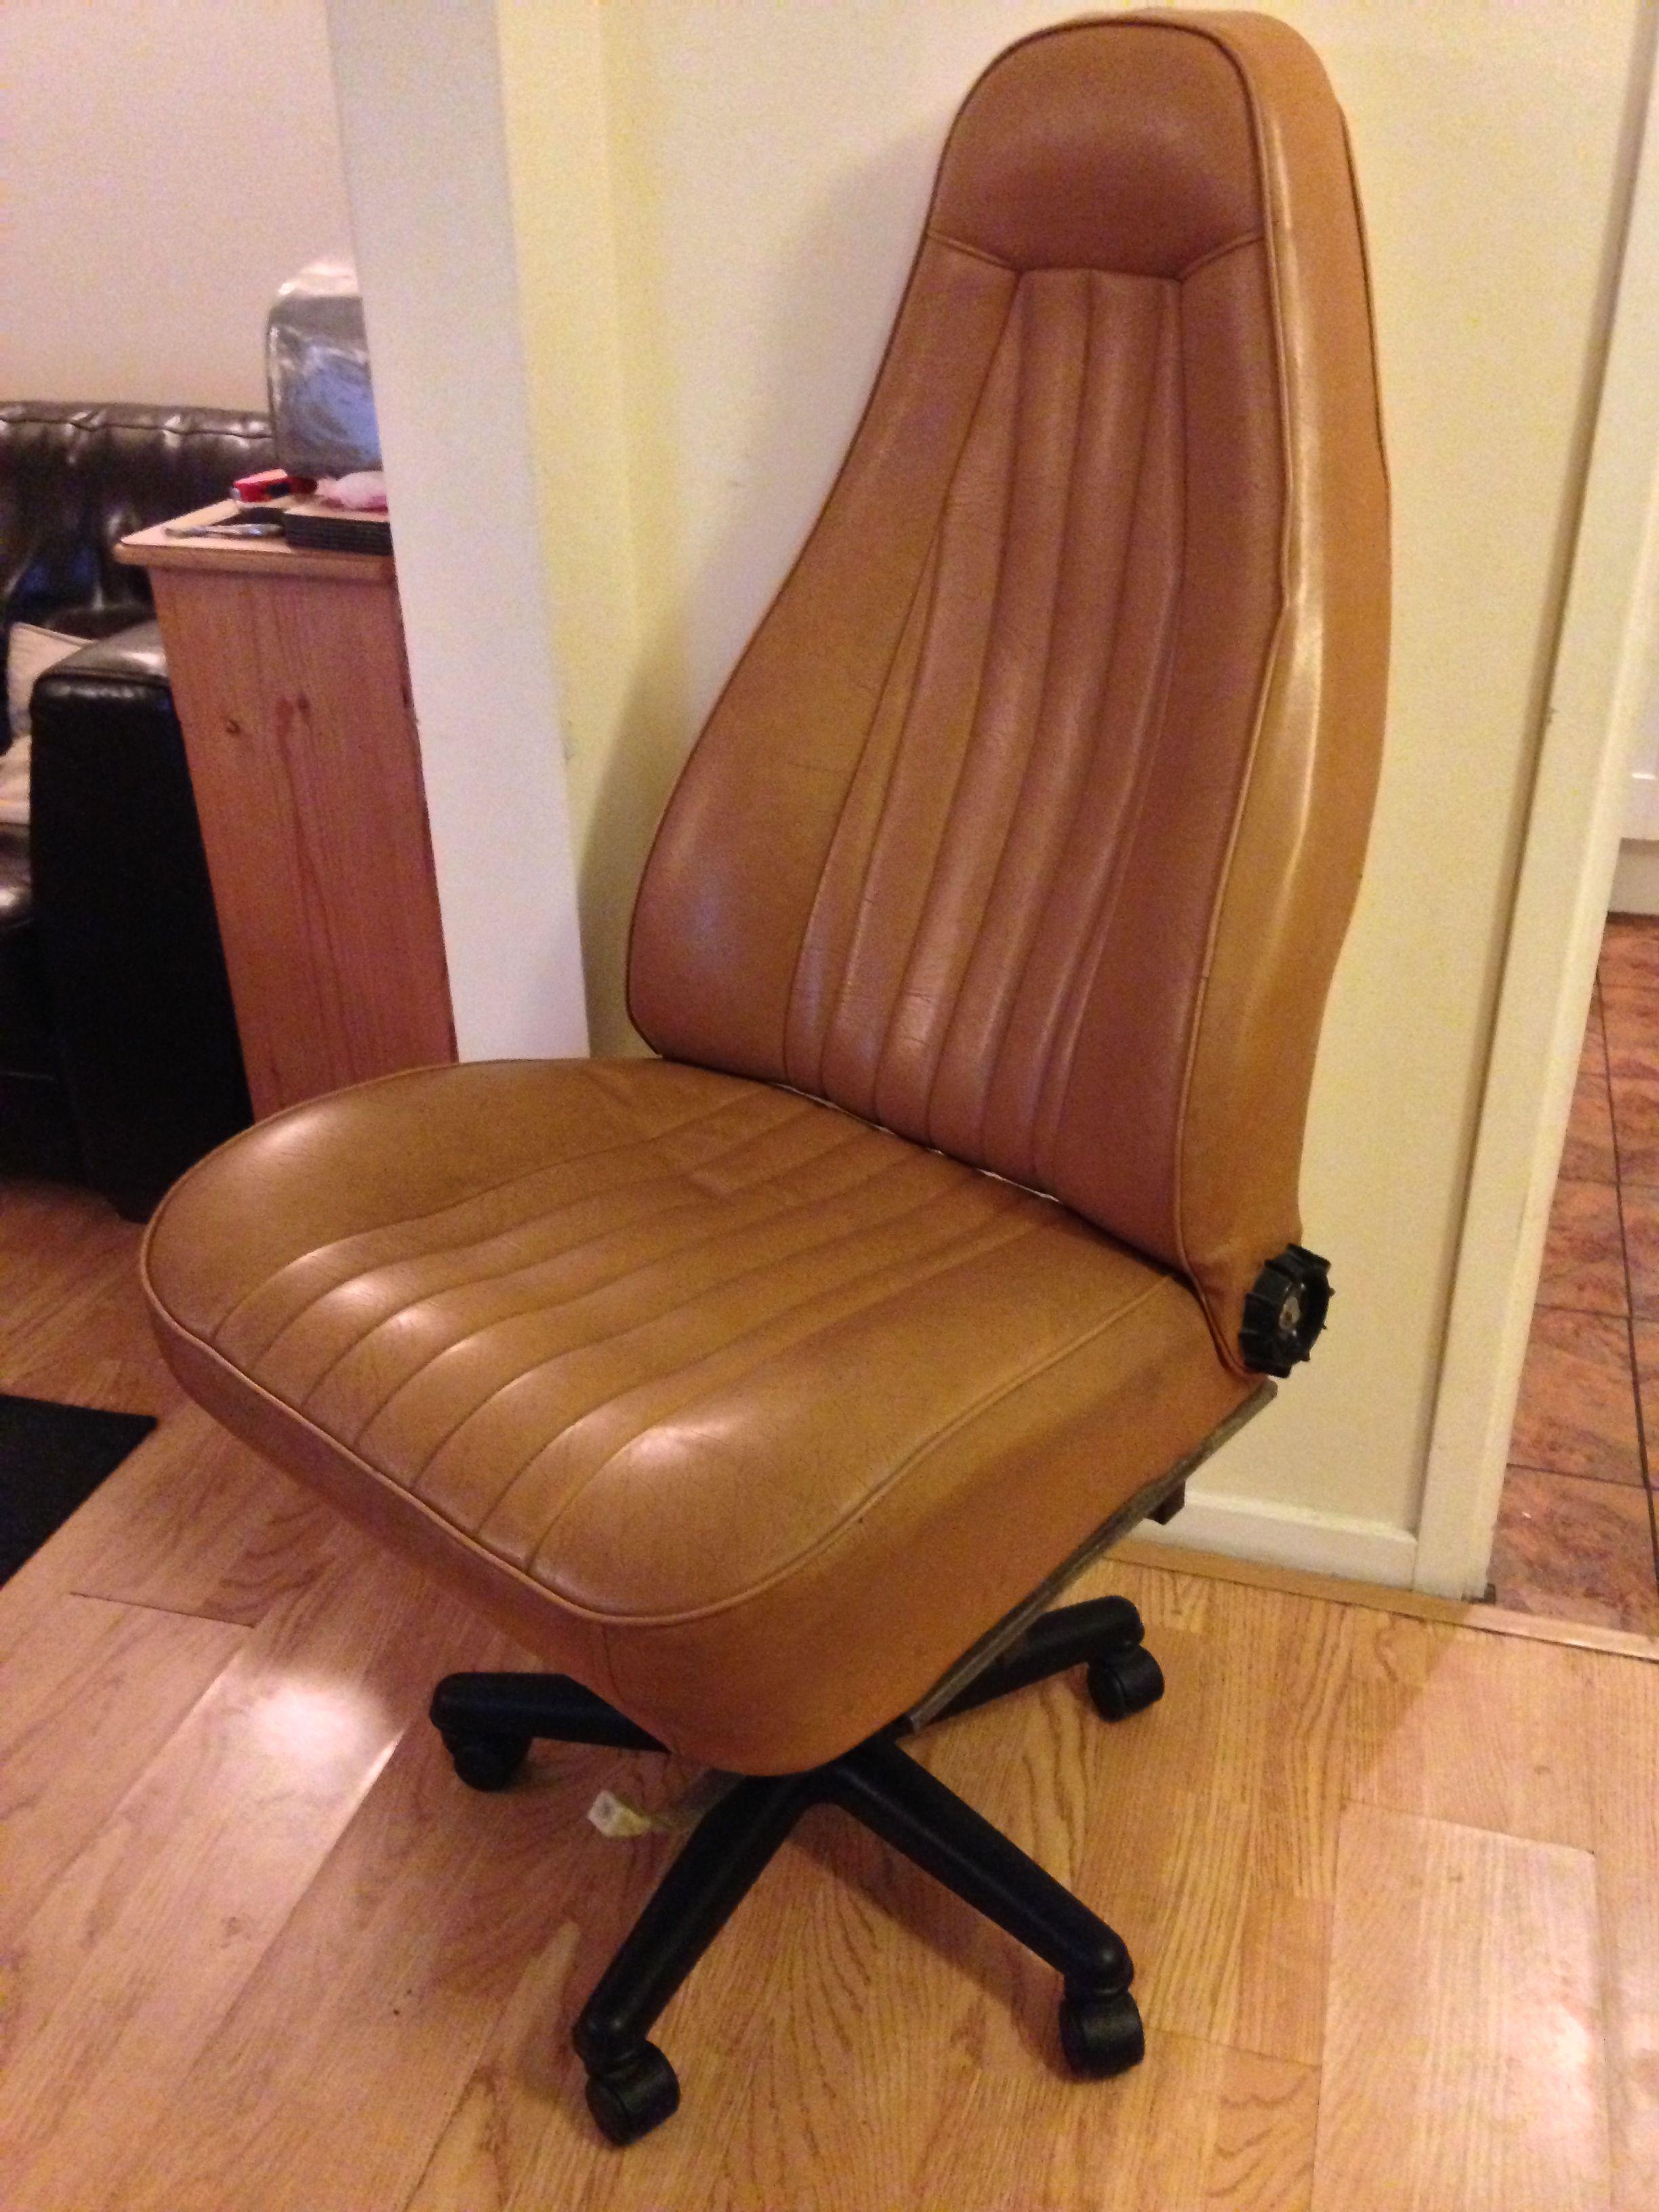 fice chair built from an old Porsche car seat